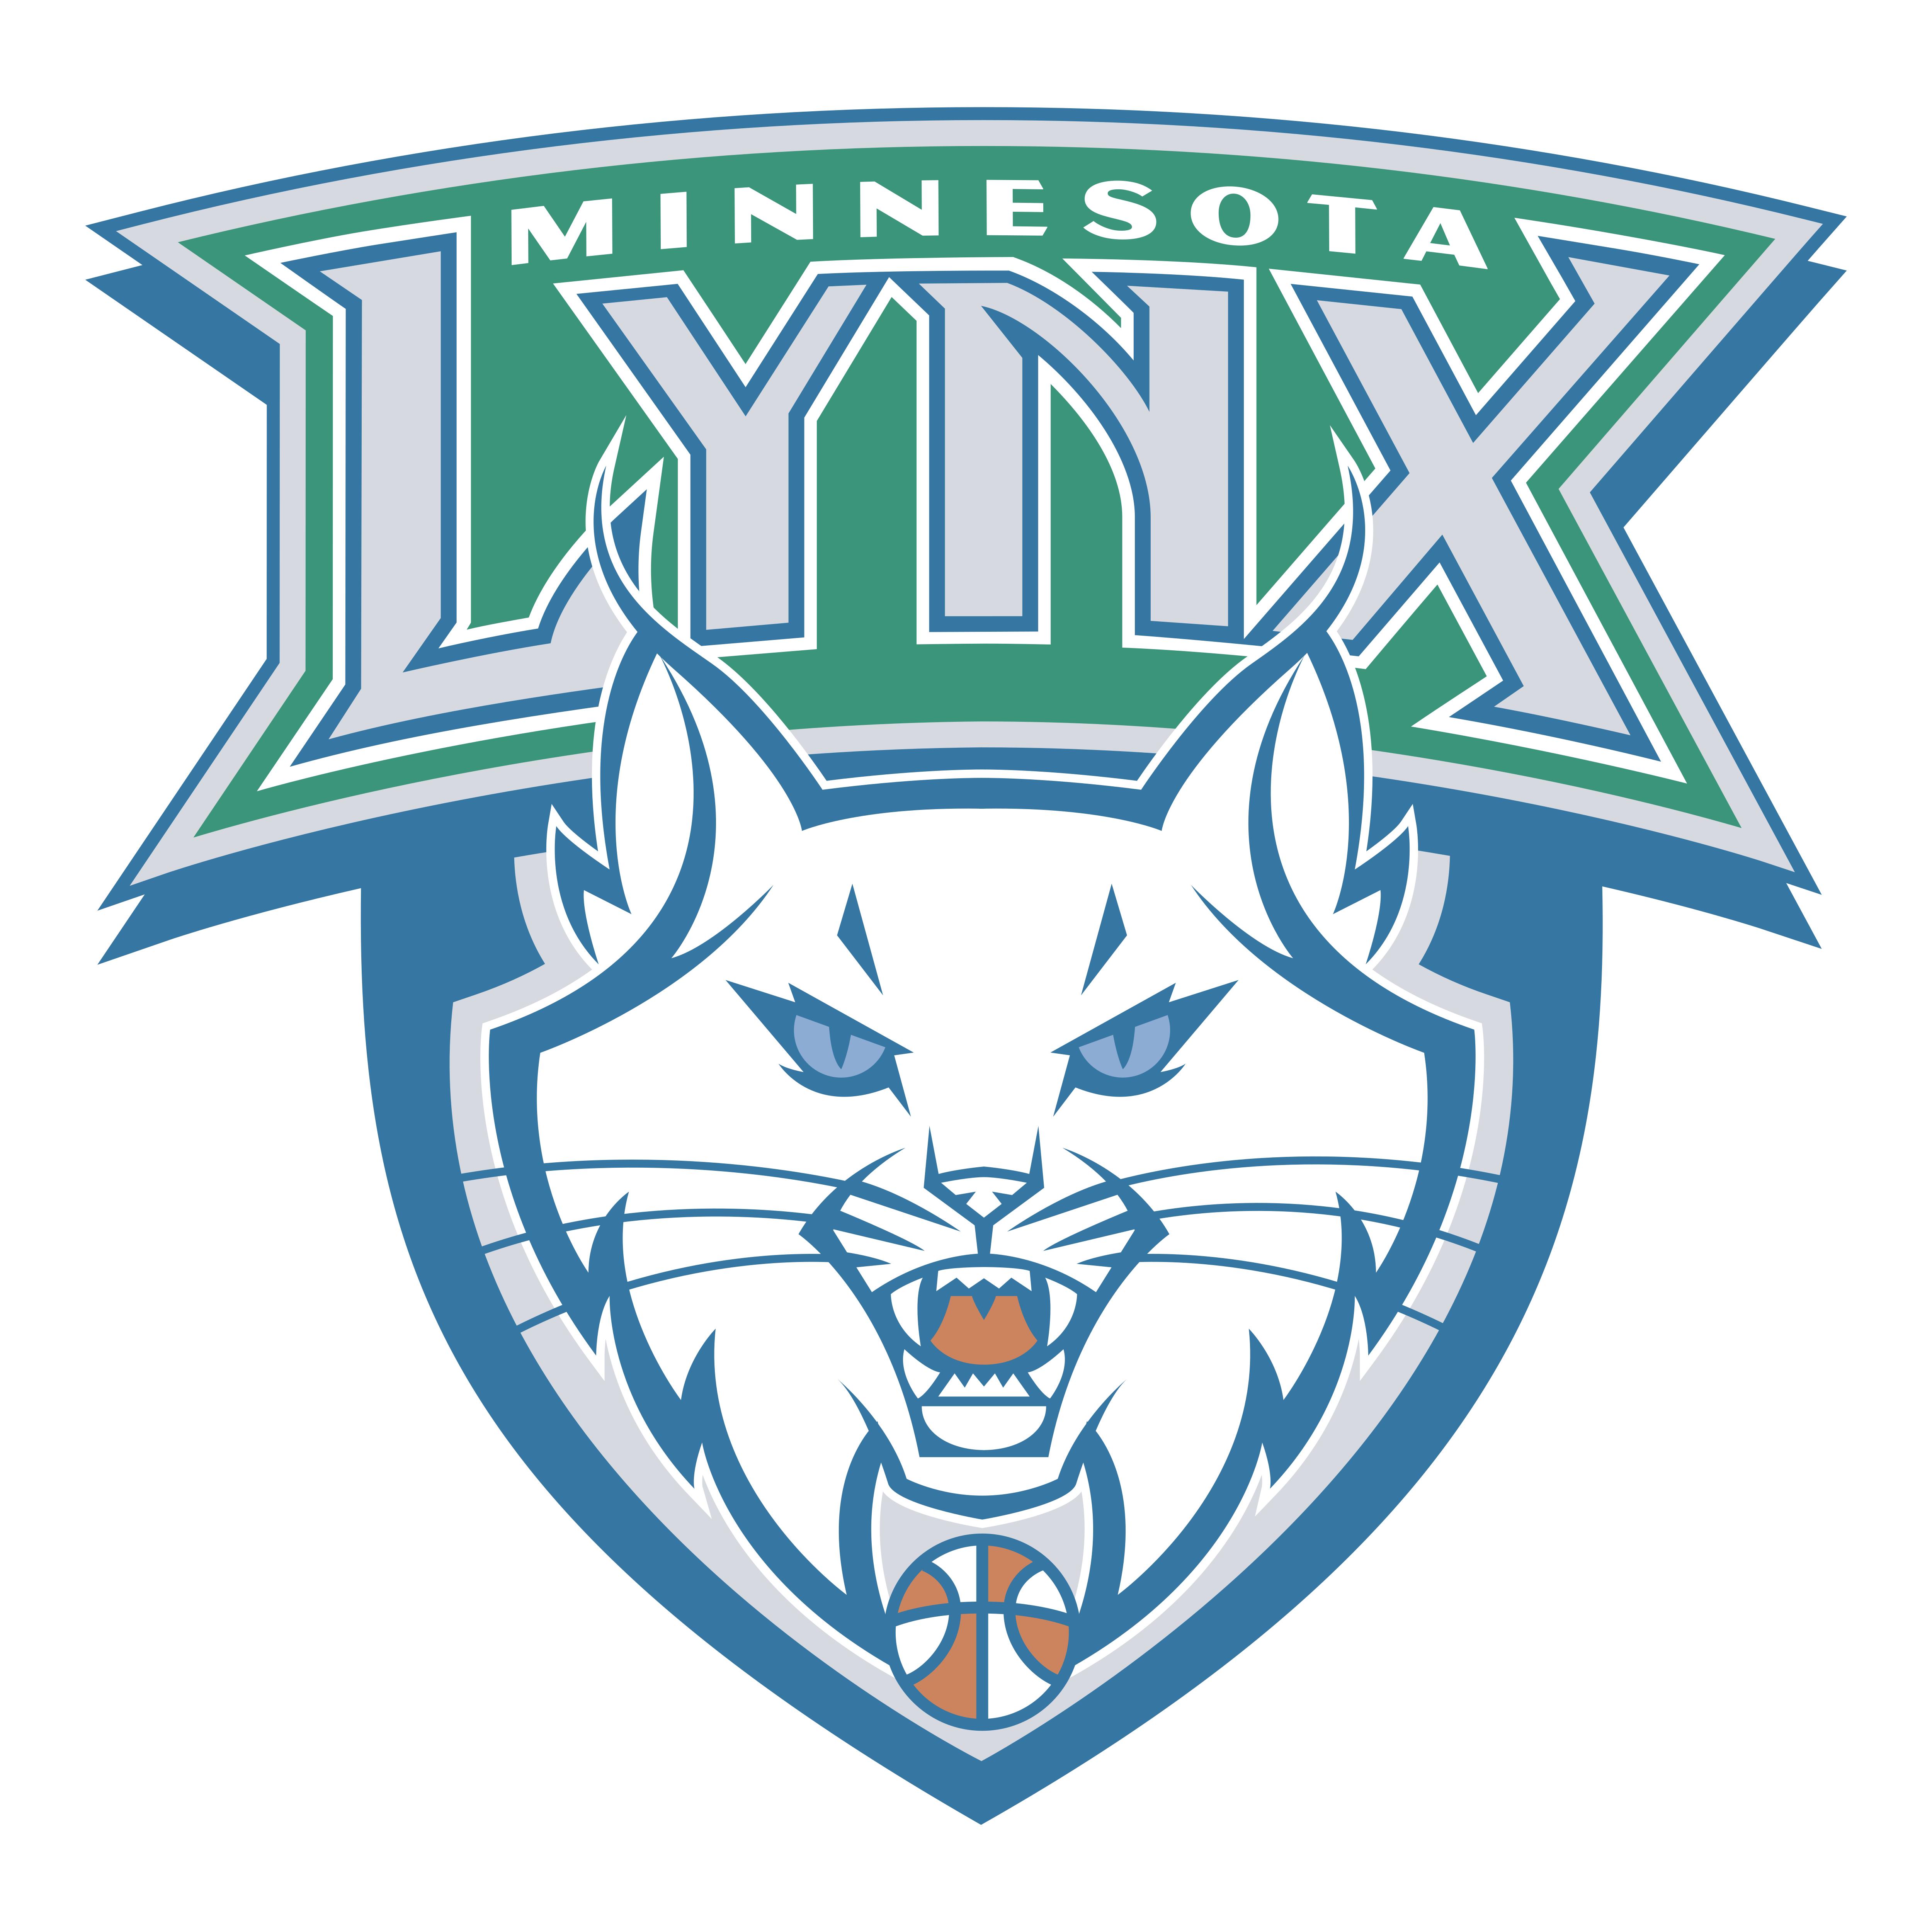 minnesota lynx logos download logos download